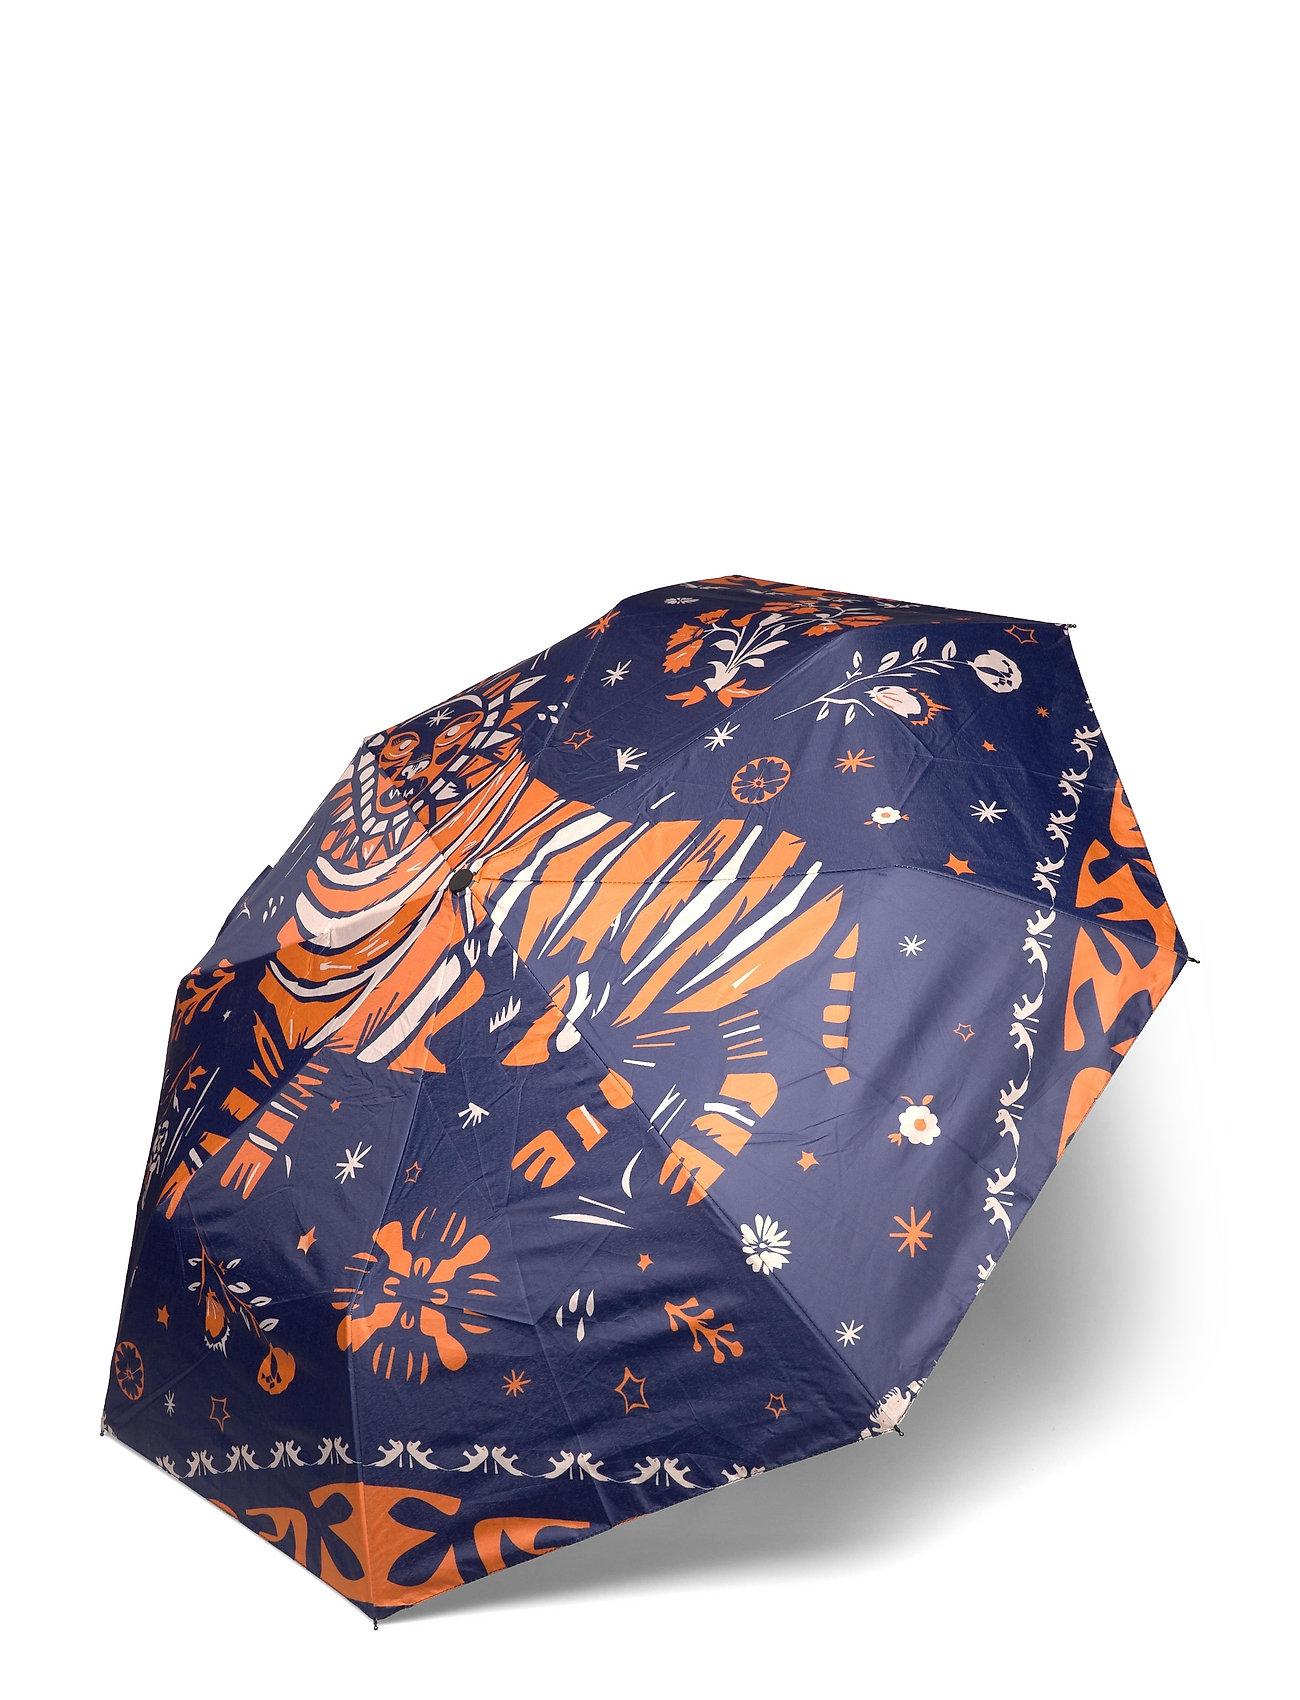 Awentia Umbrella Paraply Blå Becksöndergaard